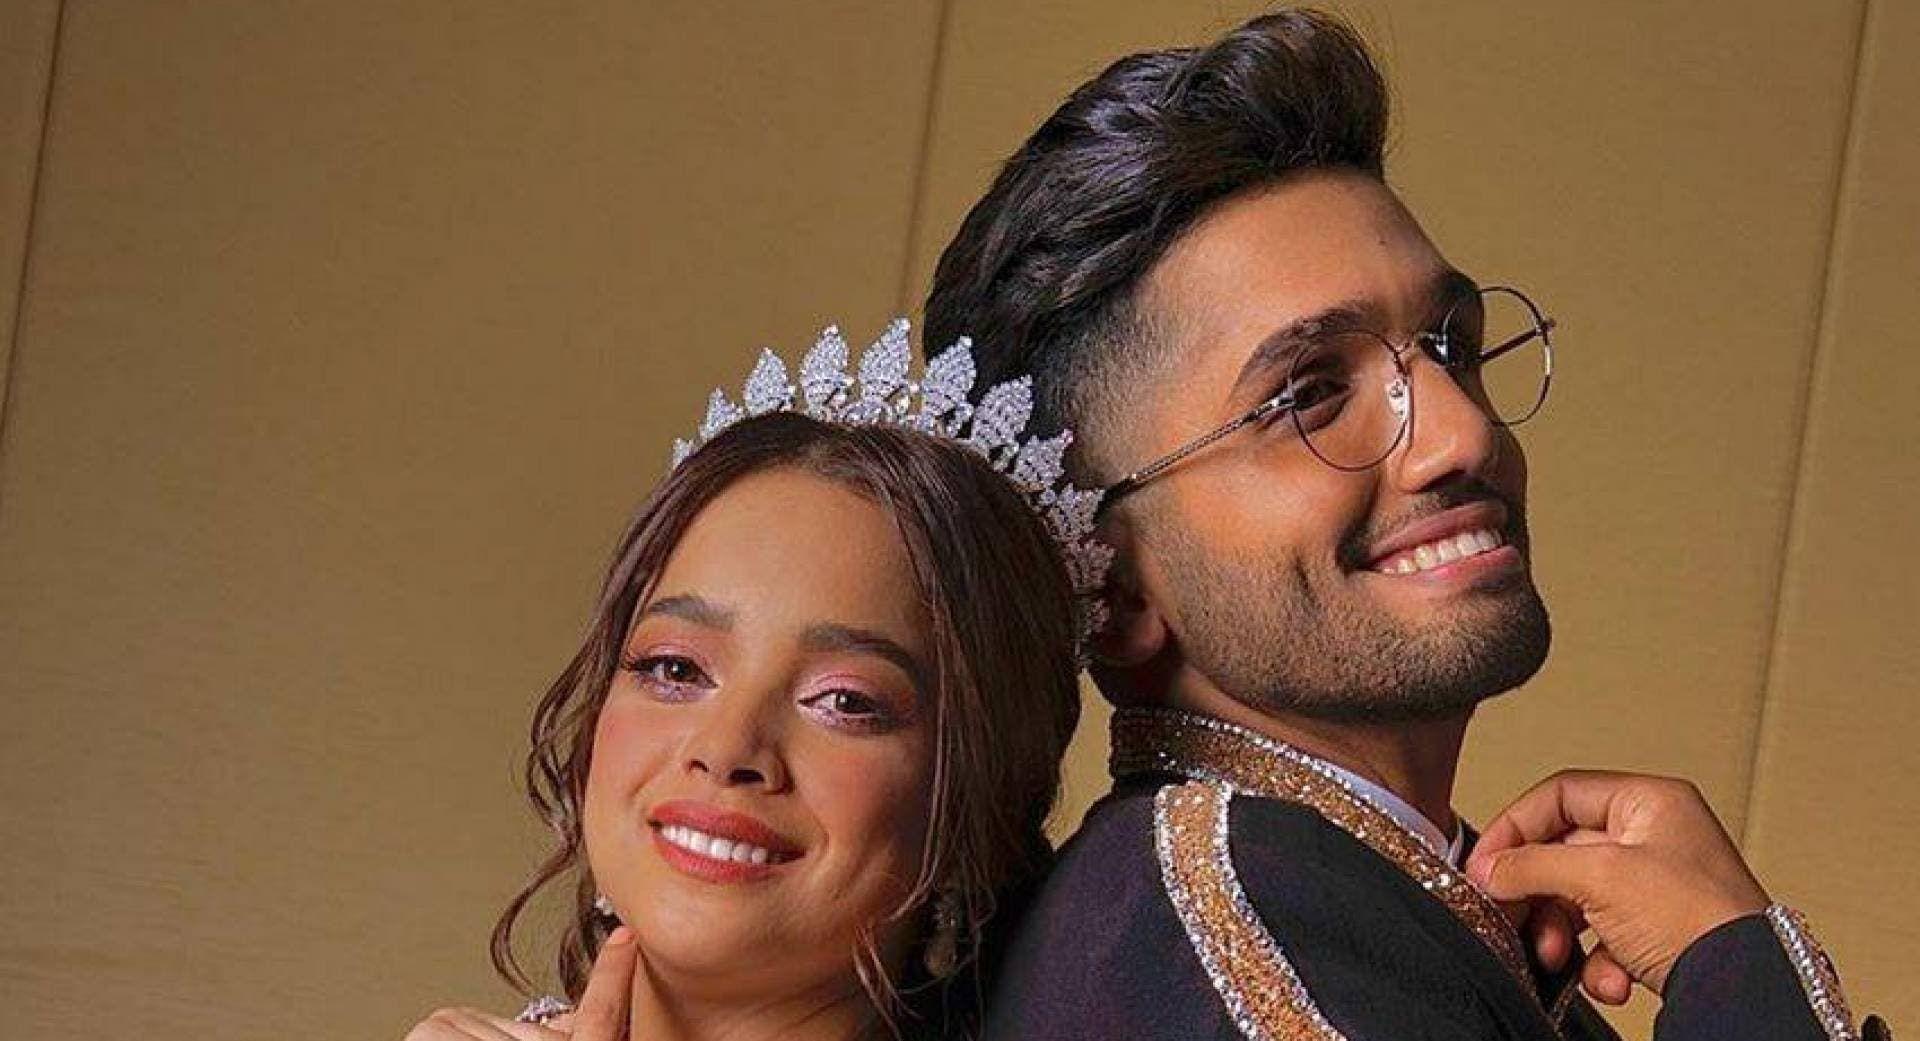 أحمد خميس برفقة شبيهة مشاعل الشحي والجمهور يشكك بصحة الصورة Fashion Jewelry Crown Jewelry